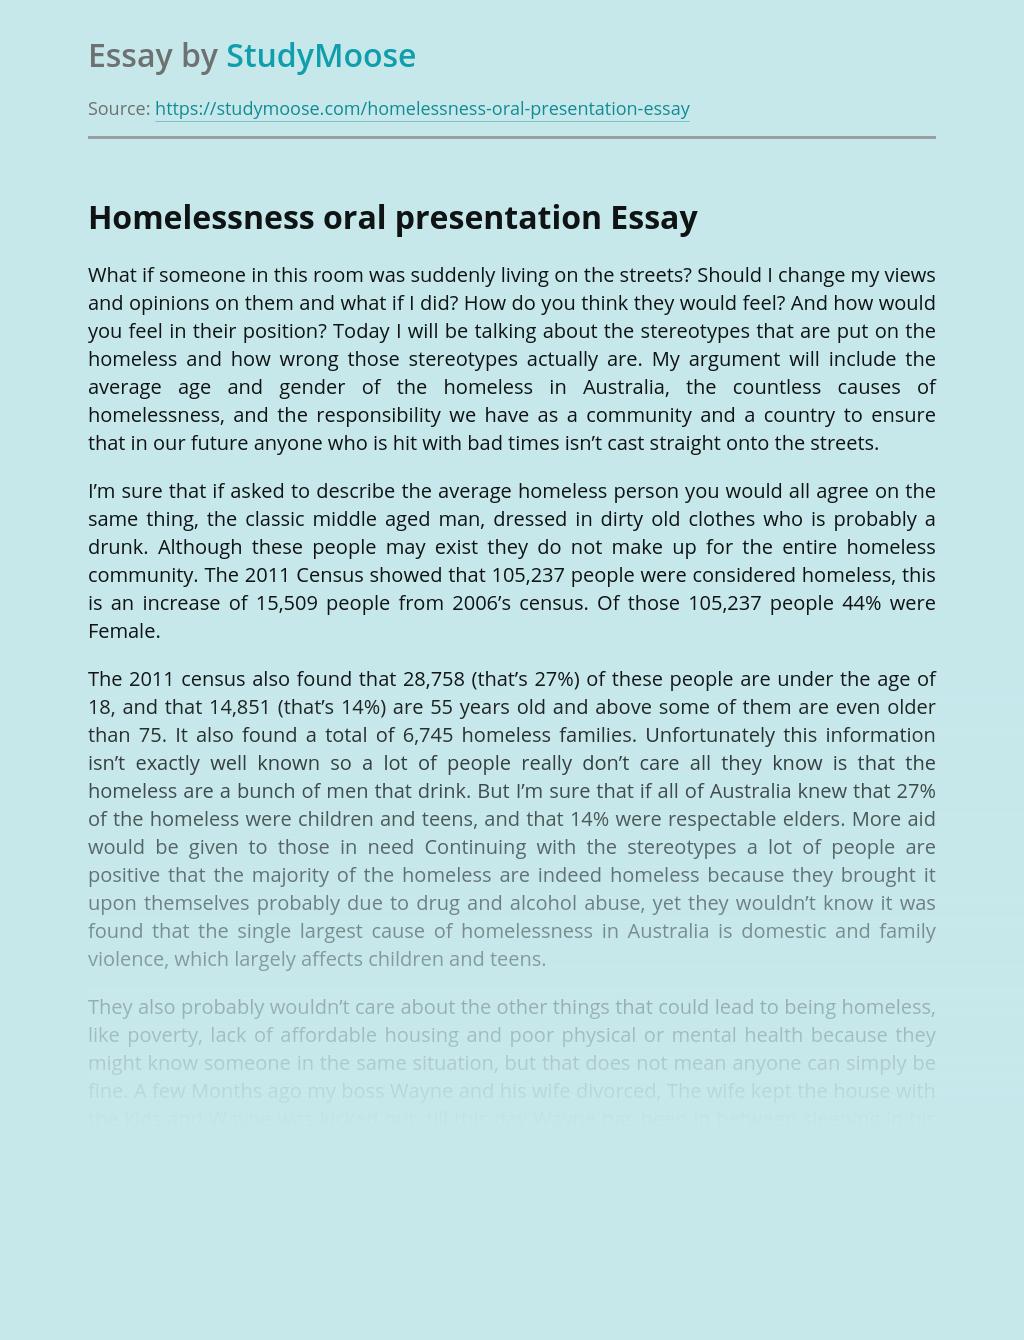 Homelessness oral presentation